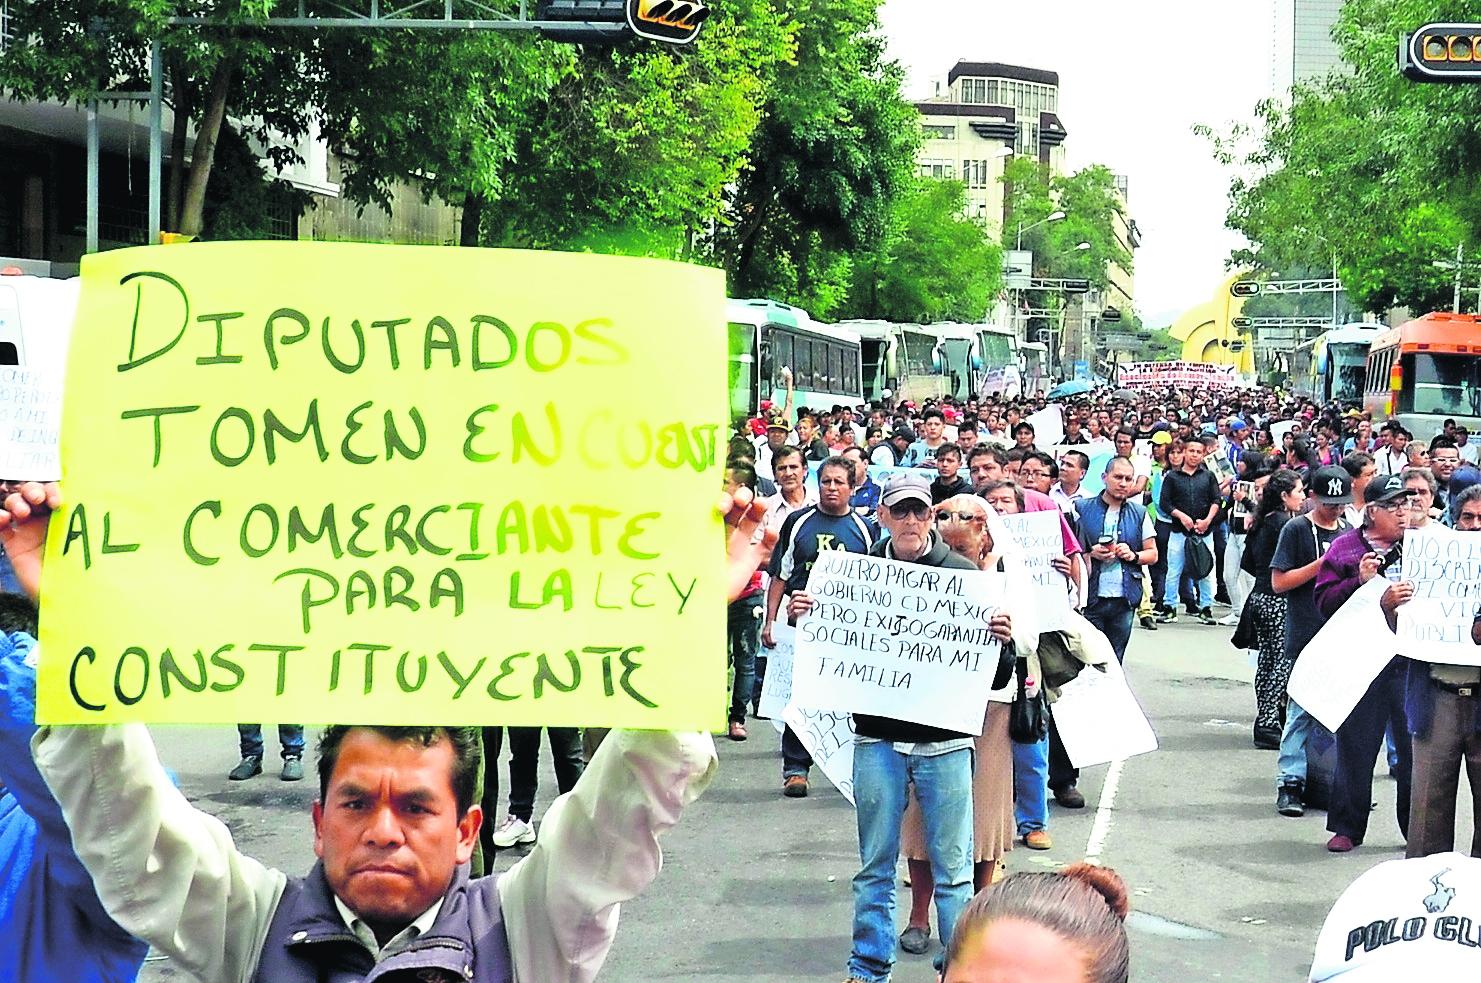 Imagen: Cuartoscuro